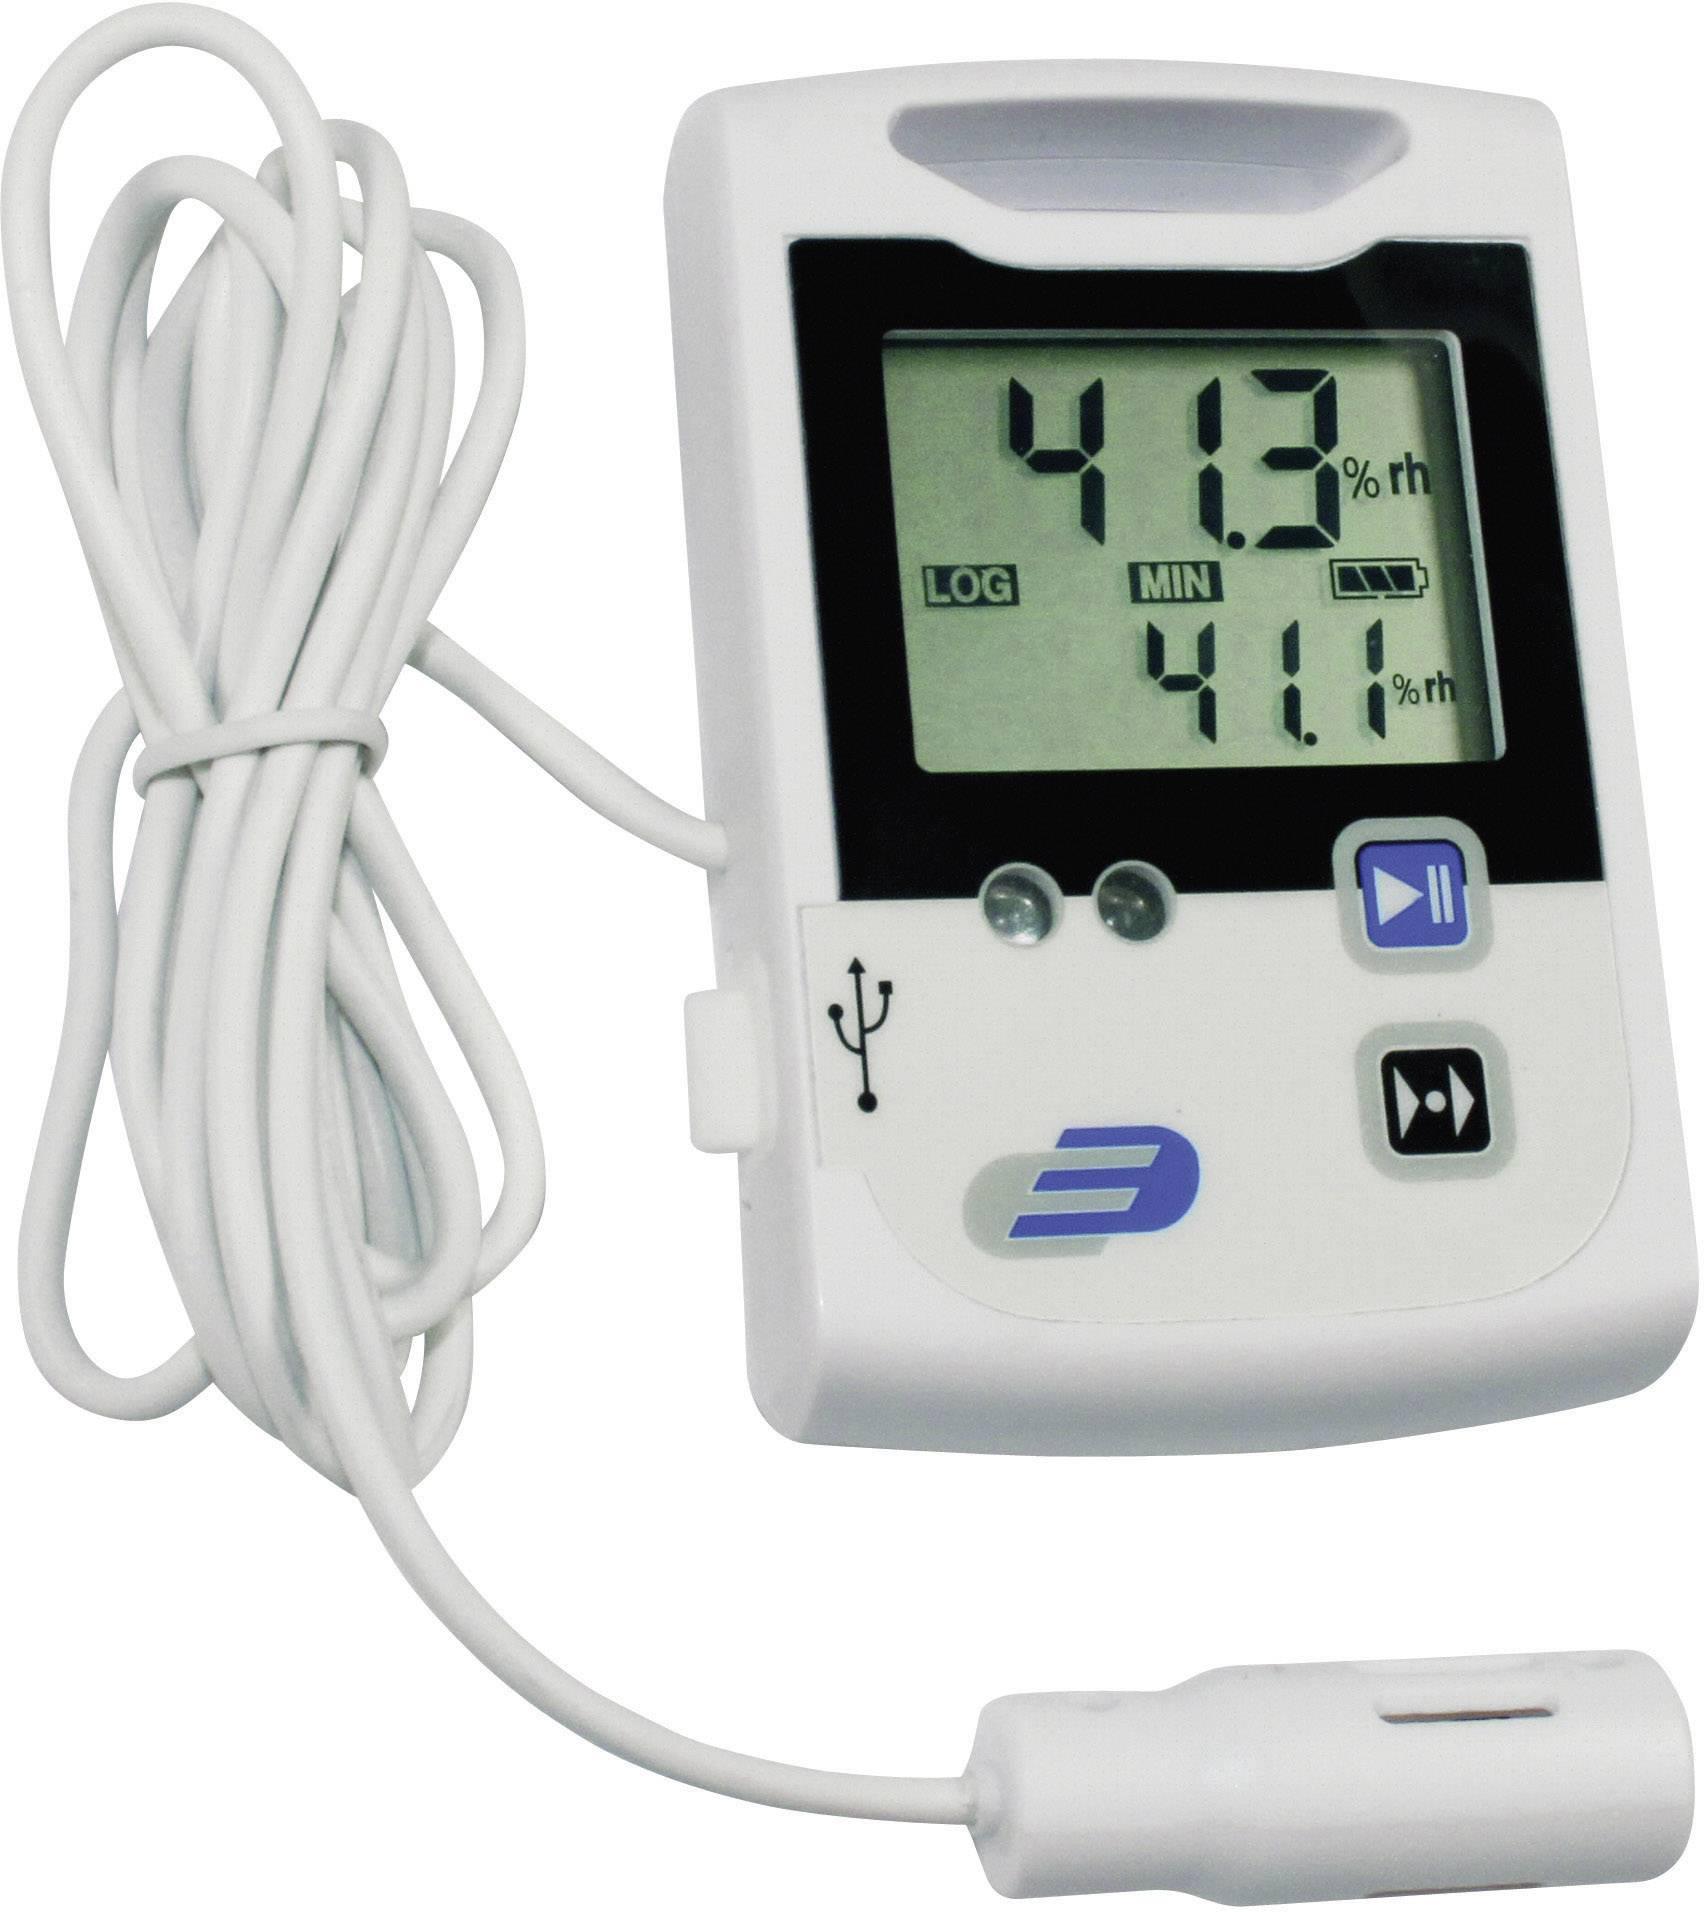 Teplotní/vlhkostní datalogger Dostmann electronic LOG110,-30 až +70 °C